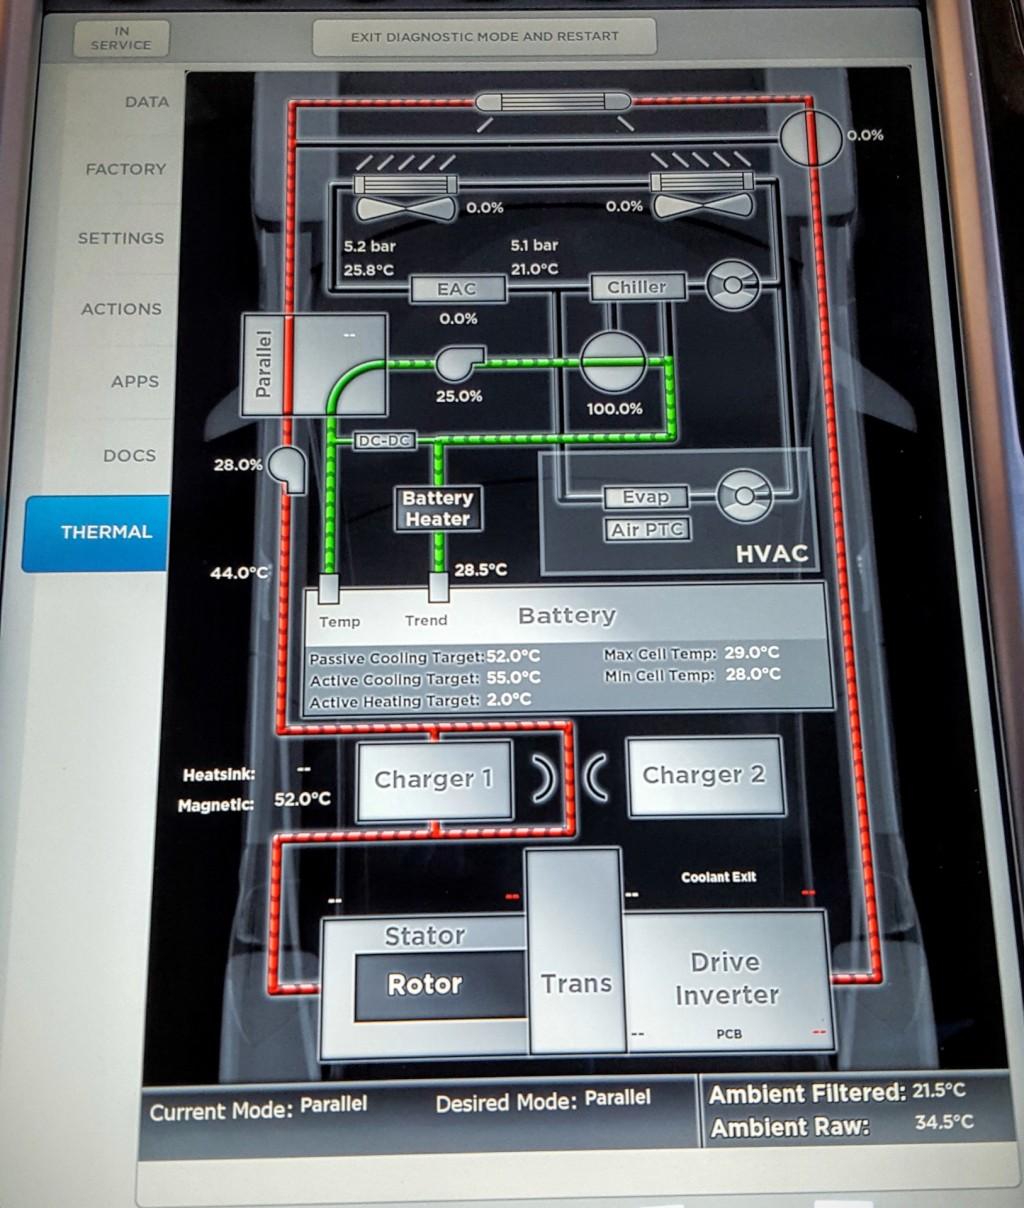 image tesla model s thermal management screen. Black Bedroom Furniture Sets. Home Design Ideas